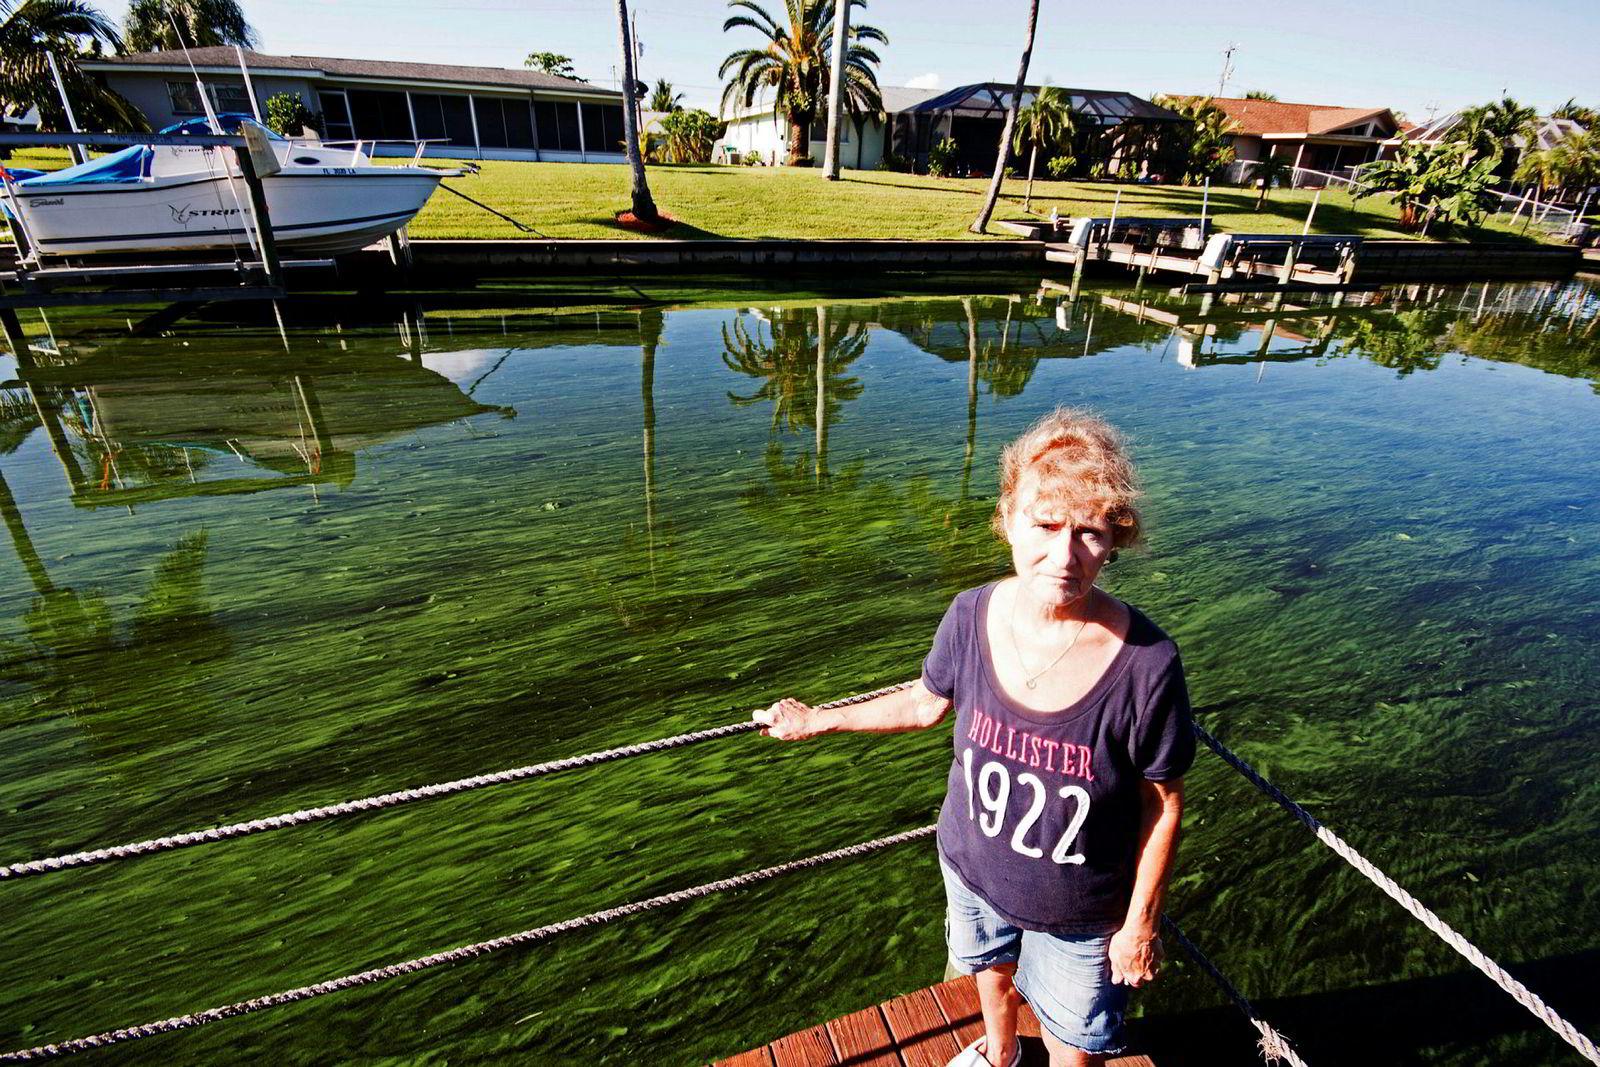 Sharon Childers har fått slimete grønne alger i kanalen foran huset sitt i Cape Coral, Florida.